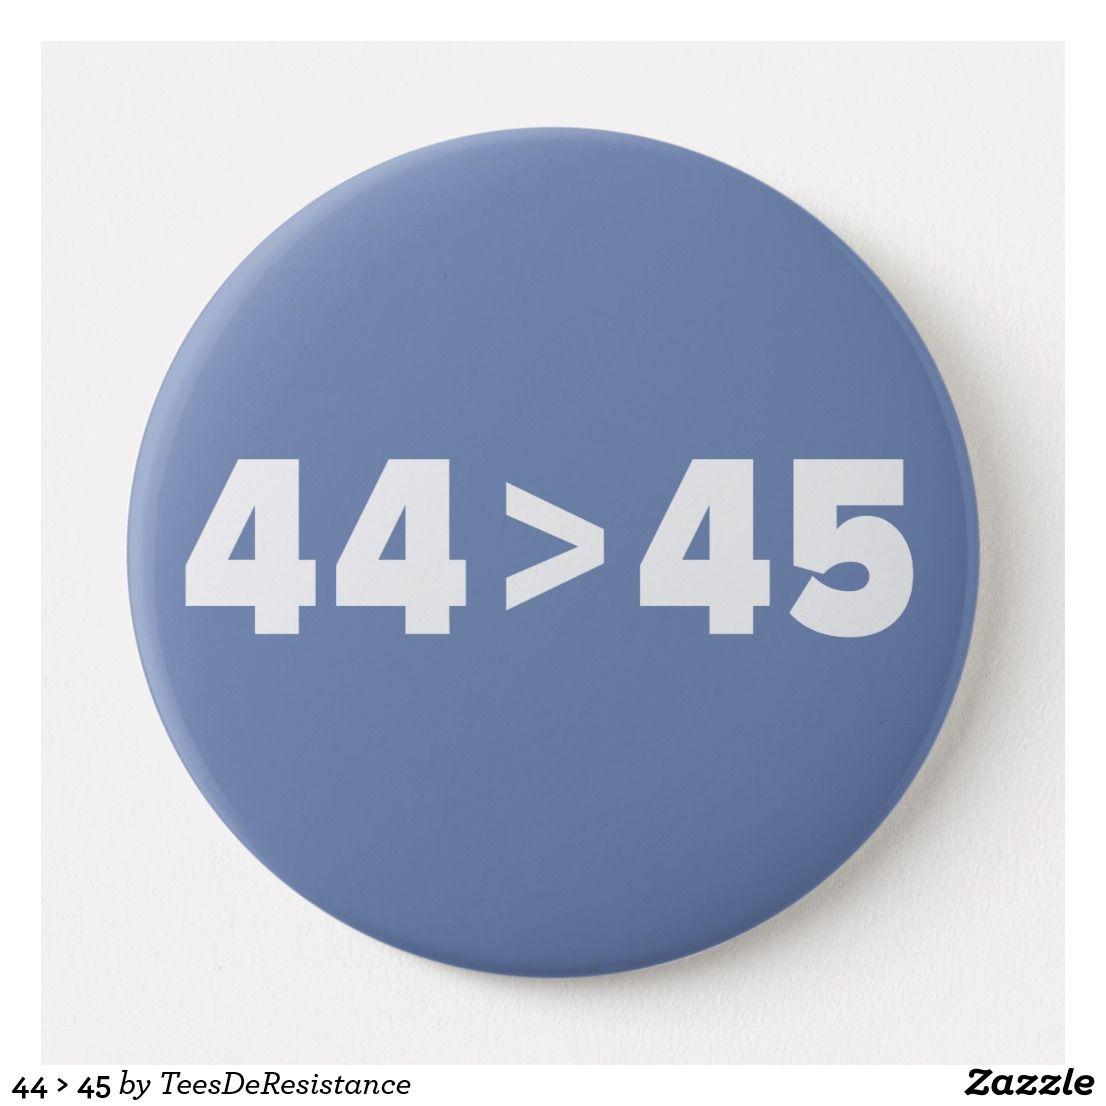 6183d8ed4 44 > 45 BUTTON | Zazzle.com | Tees De Resistance | Buttons, Tees, Sports